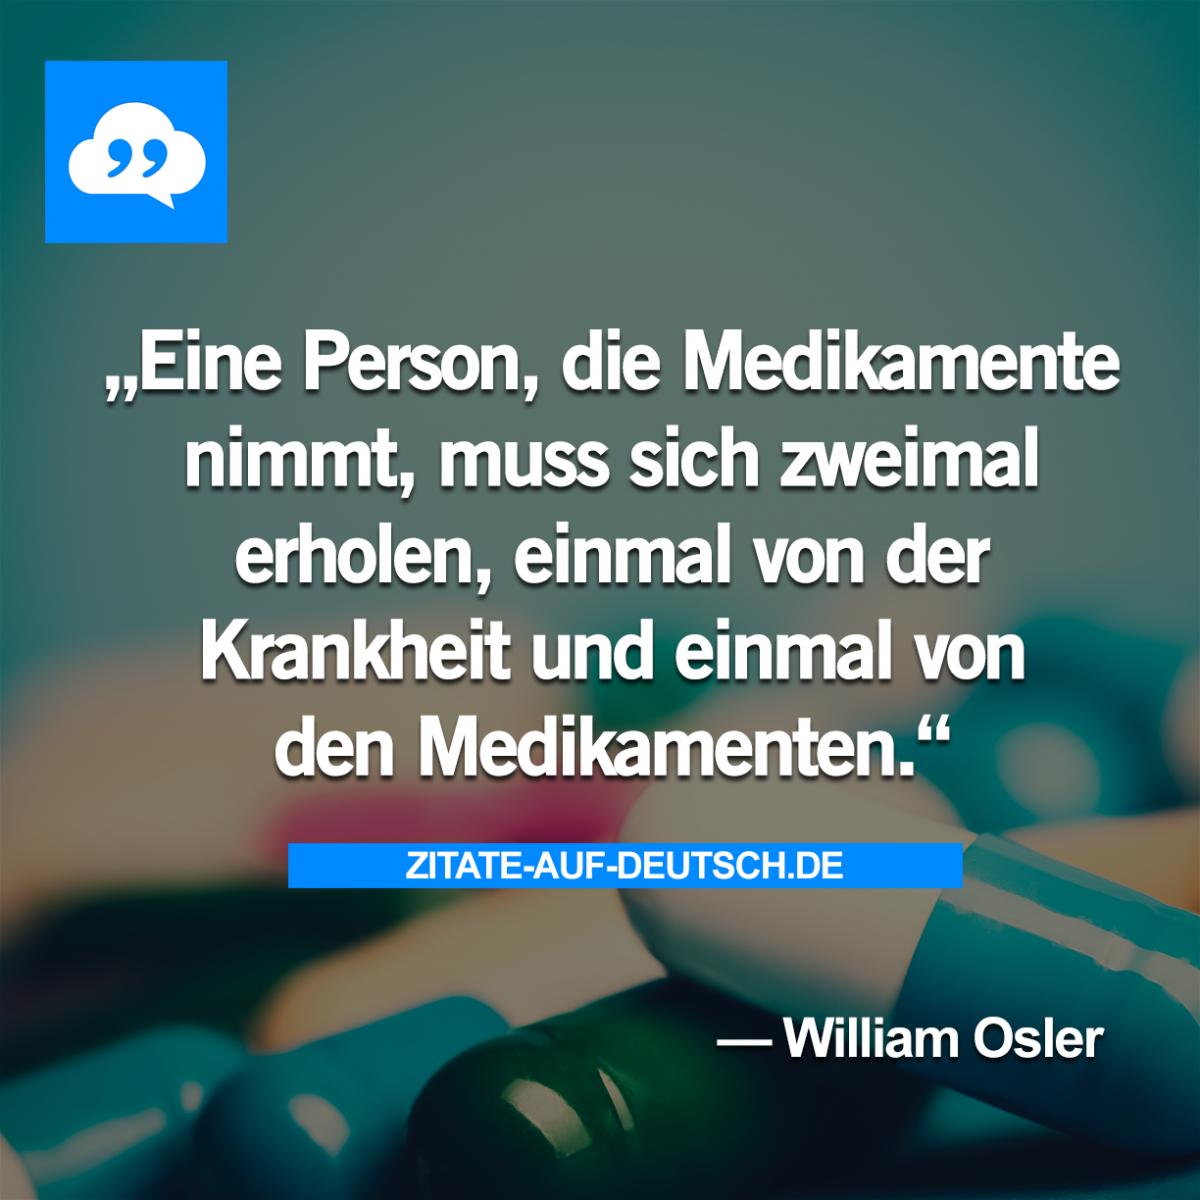 sprüche über krankheit Krankheit, #Medikamente, #Pharmaindustrie, #Pharmaunternehmen  sprüche über krankheit